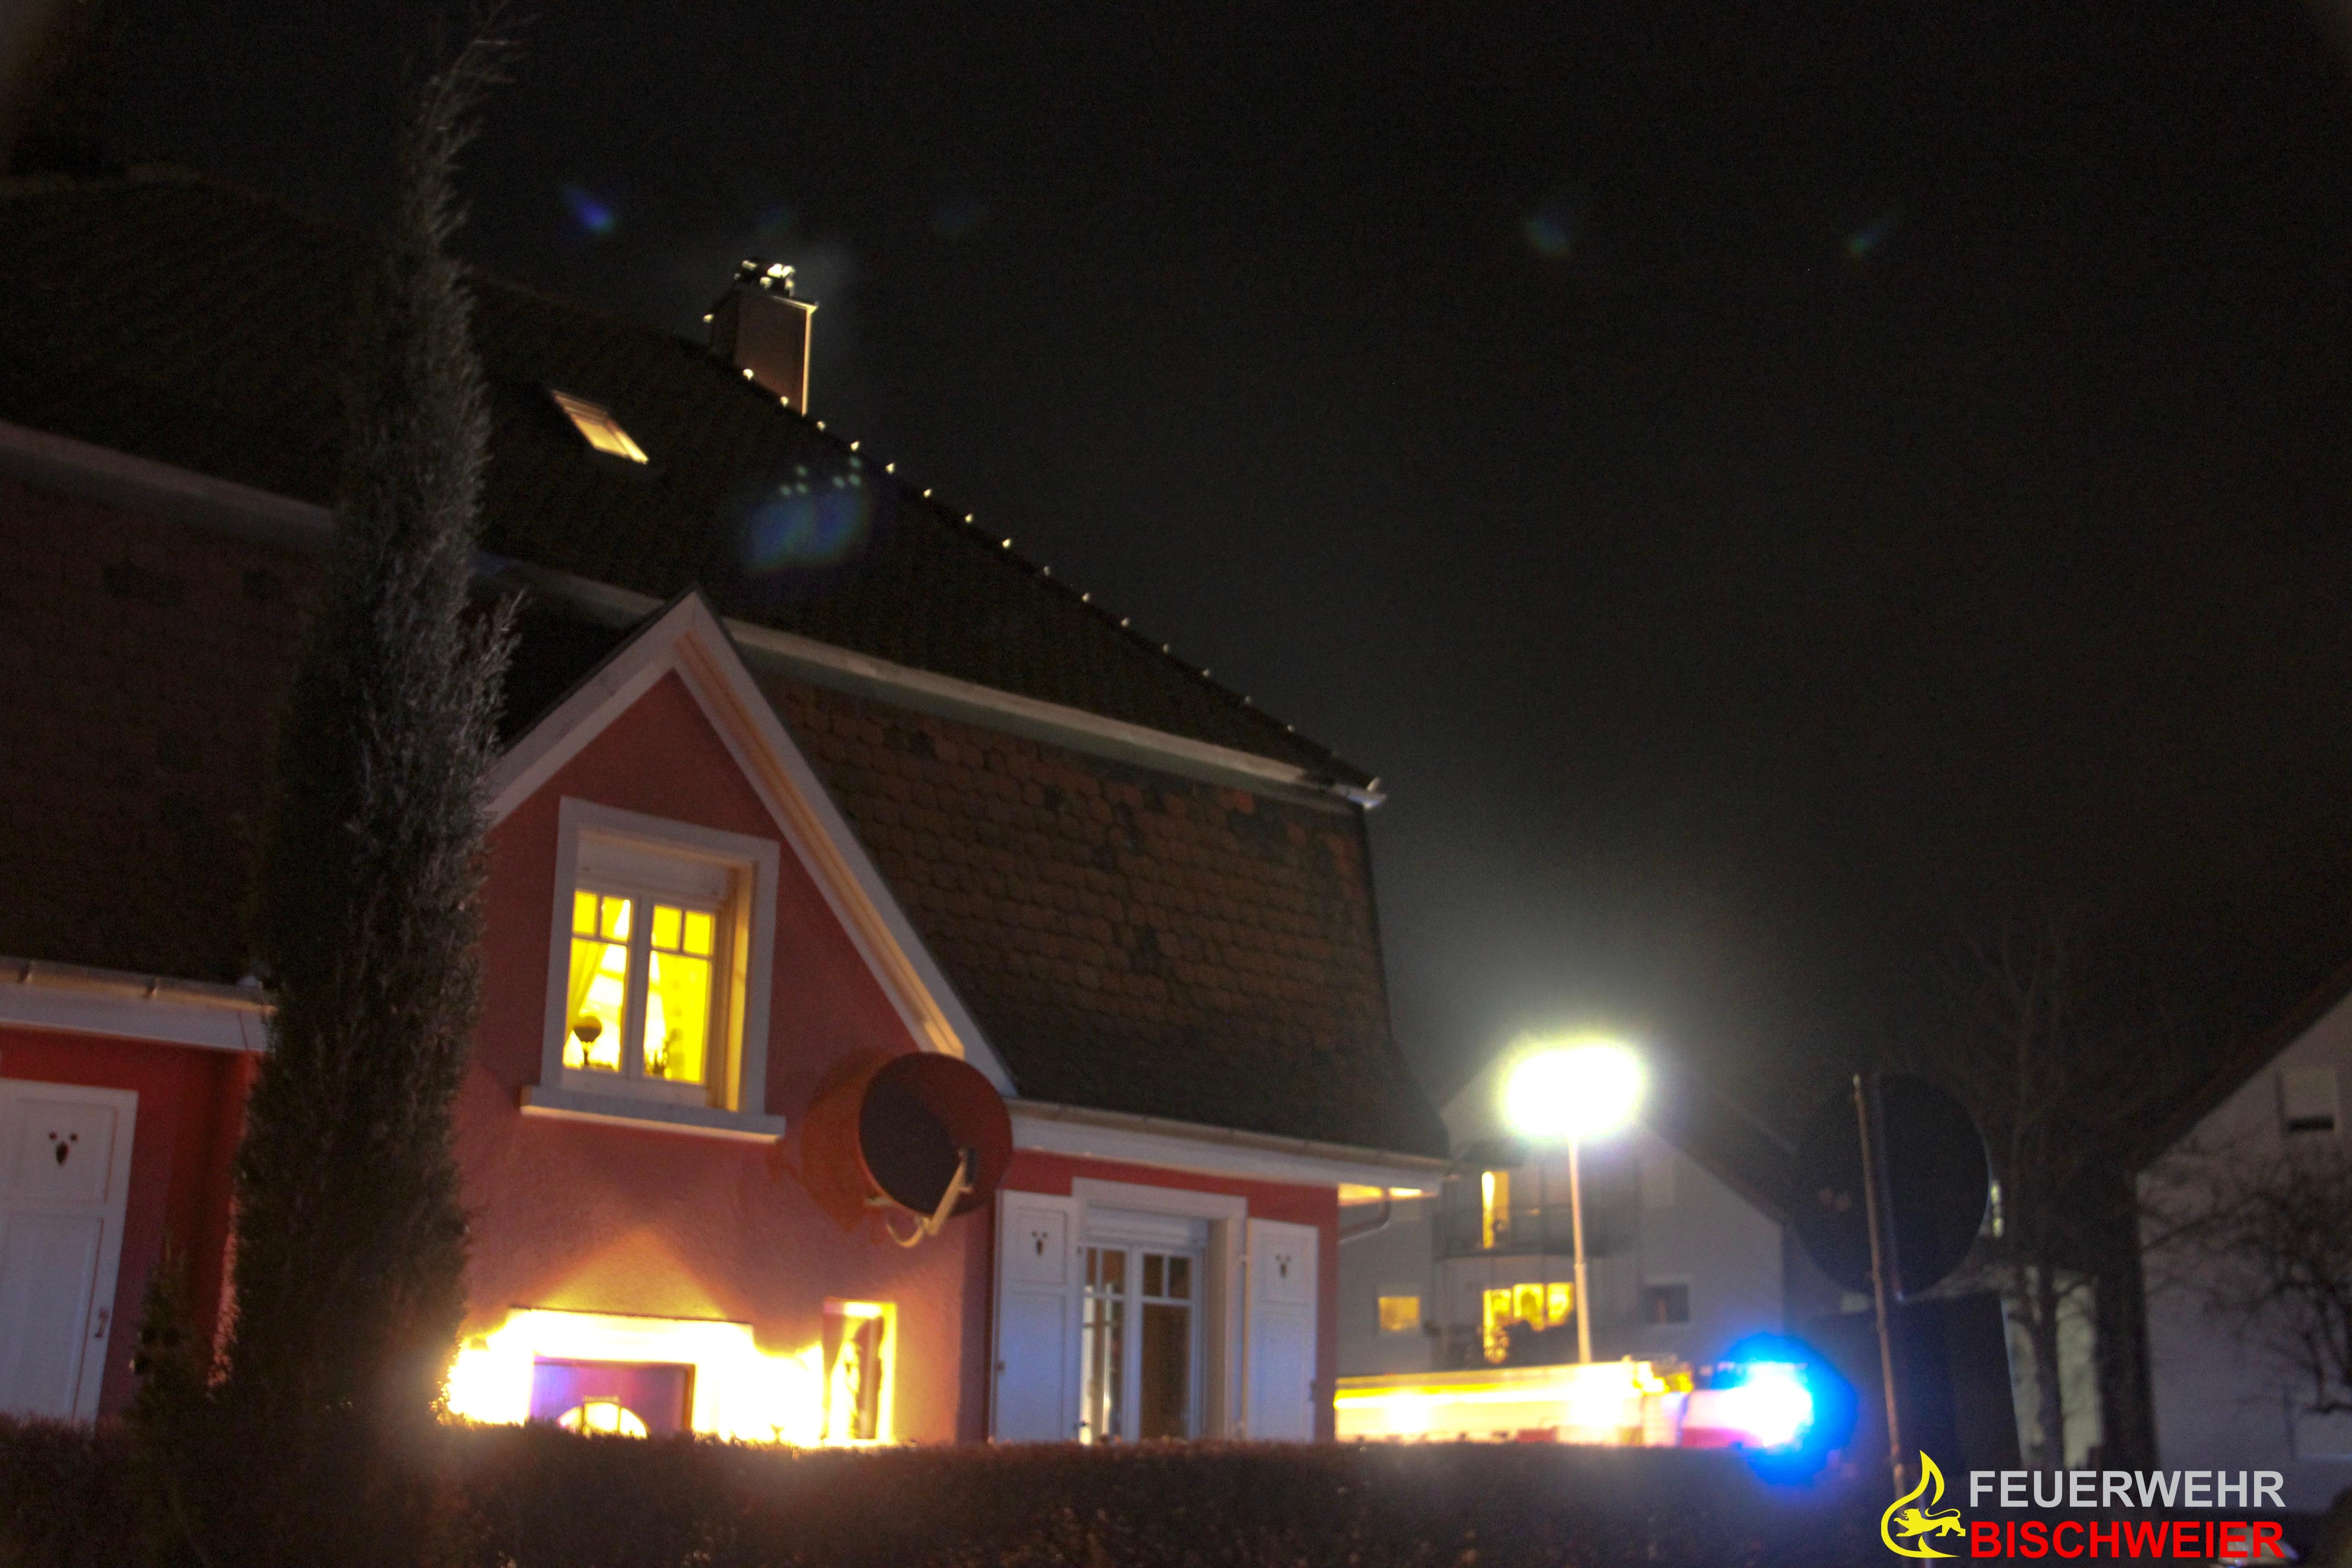 Einsatz 201902 © Feuerwehr Bischweier